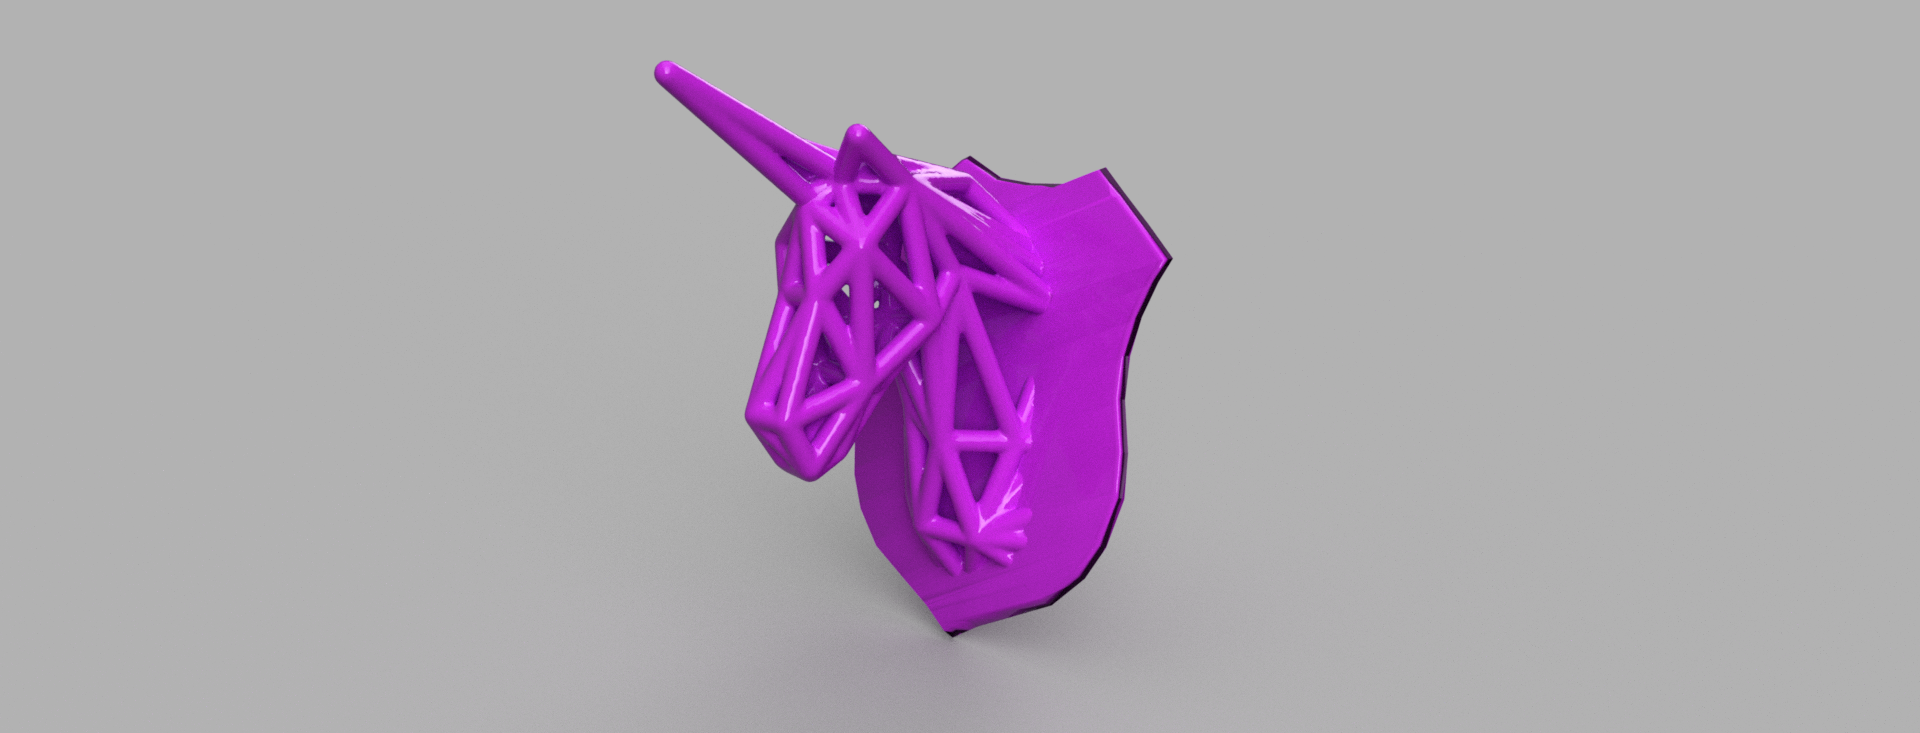 licorne 1 .png Télécharger fichier STL Licorne voronoi  • Plan pour impression 3D, Motek3D